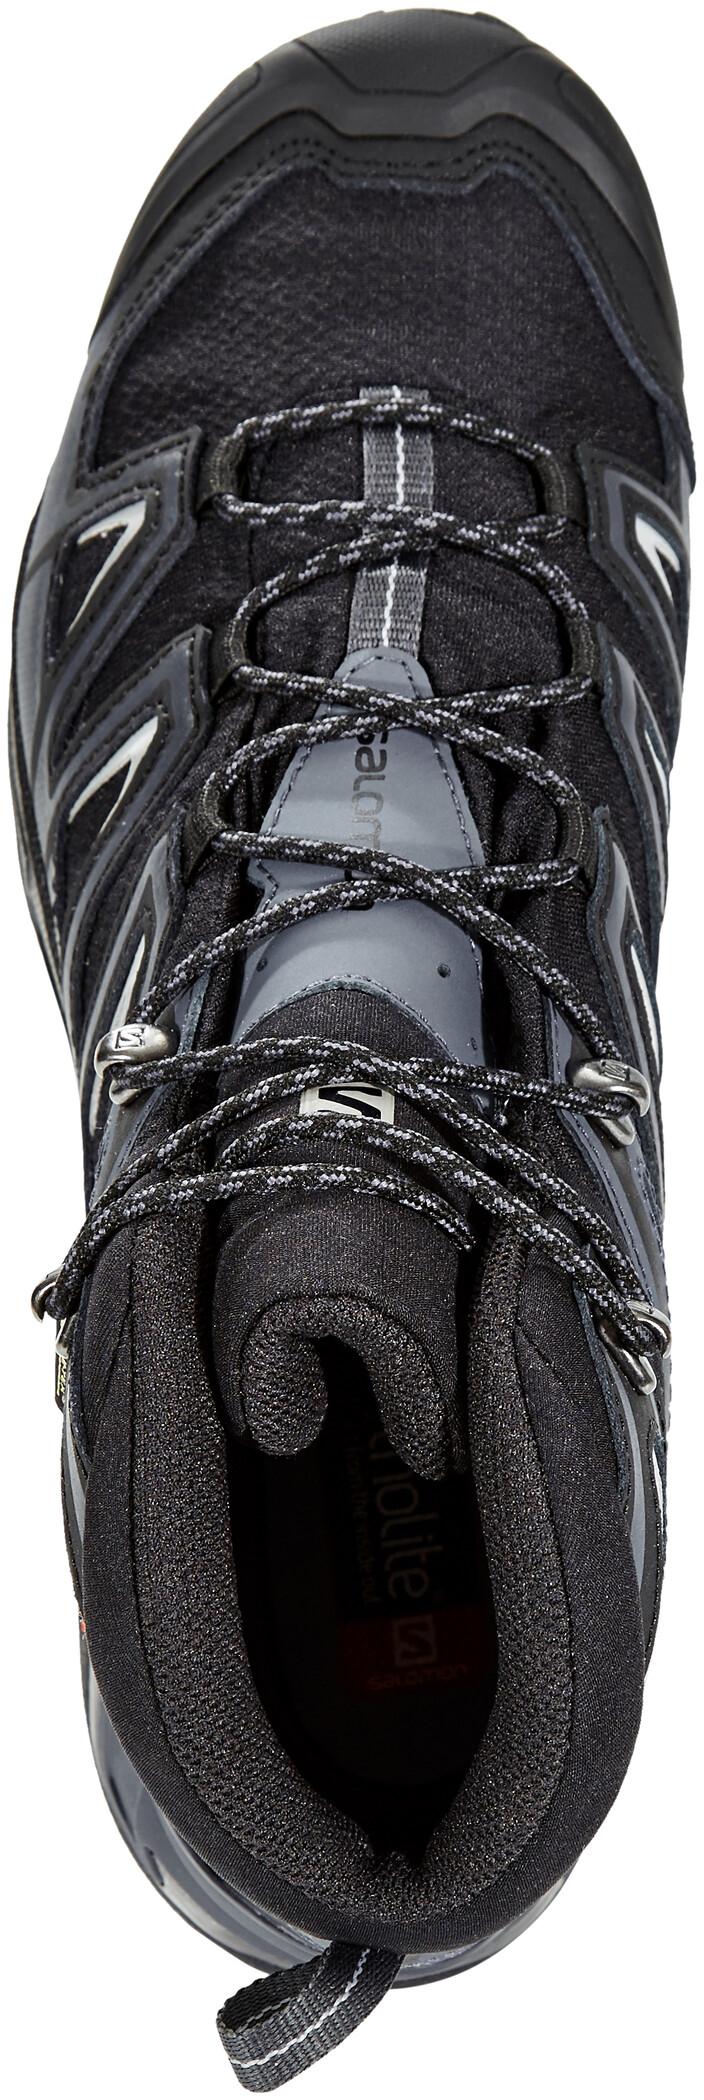 Salomon X Ultra 3 Wide Mid GTX Schuhe Herren blackindia inkmonument